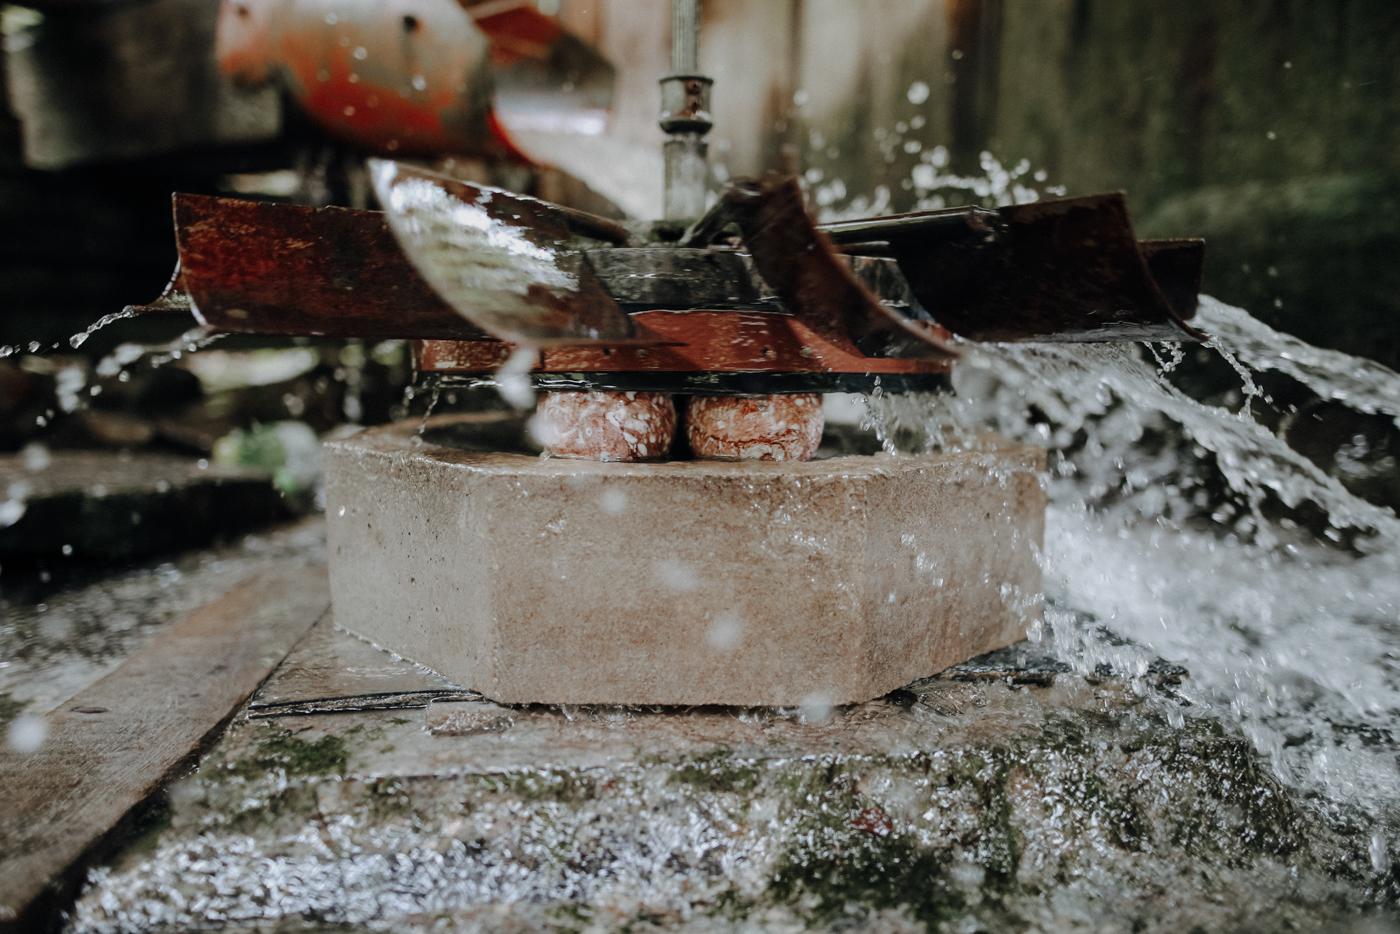 """Eine Reise durch 250 Millionen Jahre Erdgeschichte Wusstest Du, dass beide Klammen zum UNESCO Geopark Steirische Eisenwurzen gehören? Weltweit gibt es 140 Geoparks in 38 Ländern. Der Naturpark Steirische Eisenwurzen wurde im Jahr 2002 als Europäischer Geopark ausgezeichnet. 2015 folgte die Anerkennung zum """"UNESCO Global Geopark"""", als Teil des UNESCO Welterbes. Am Eingang der Nothklamm befindet sich das Geodorf Gams. Dazu gehören die Geowerkstatt, in der regelmäßig Workshops rund ums Thema Steinschmuck stattfinden, der Geopfad durch die Nothklamm und das geologische Museum """"Georama"""", das die Geschichte der Region erzählt. Am oberen Ende der Nothklamm befindet sich außerdem die Kraushöhle, die man gegen ein Extraticket (10 Euro Stand 10/2020) bei einer Führung entdecken kann."""